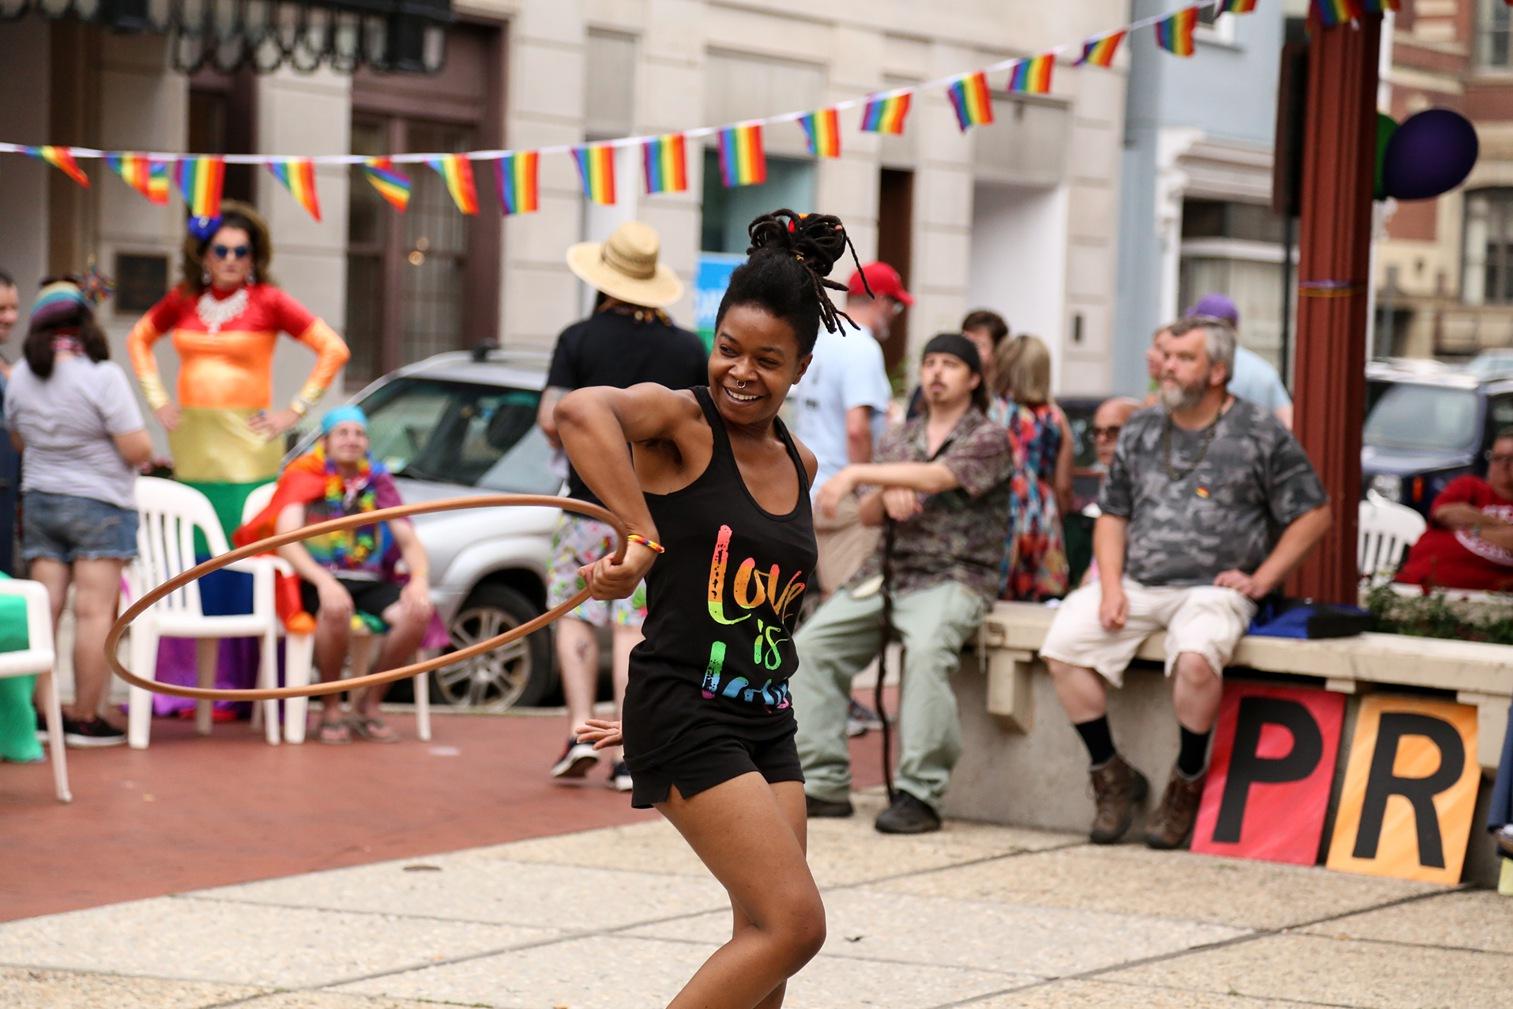 Pride2018_366_family peek.jpg